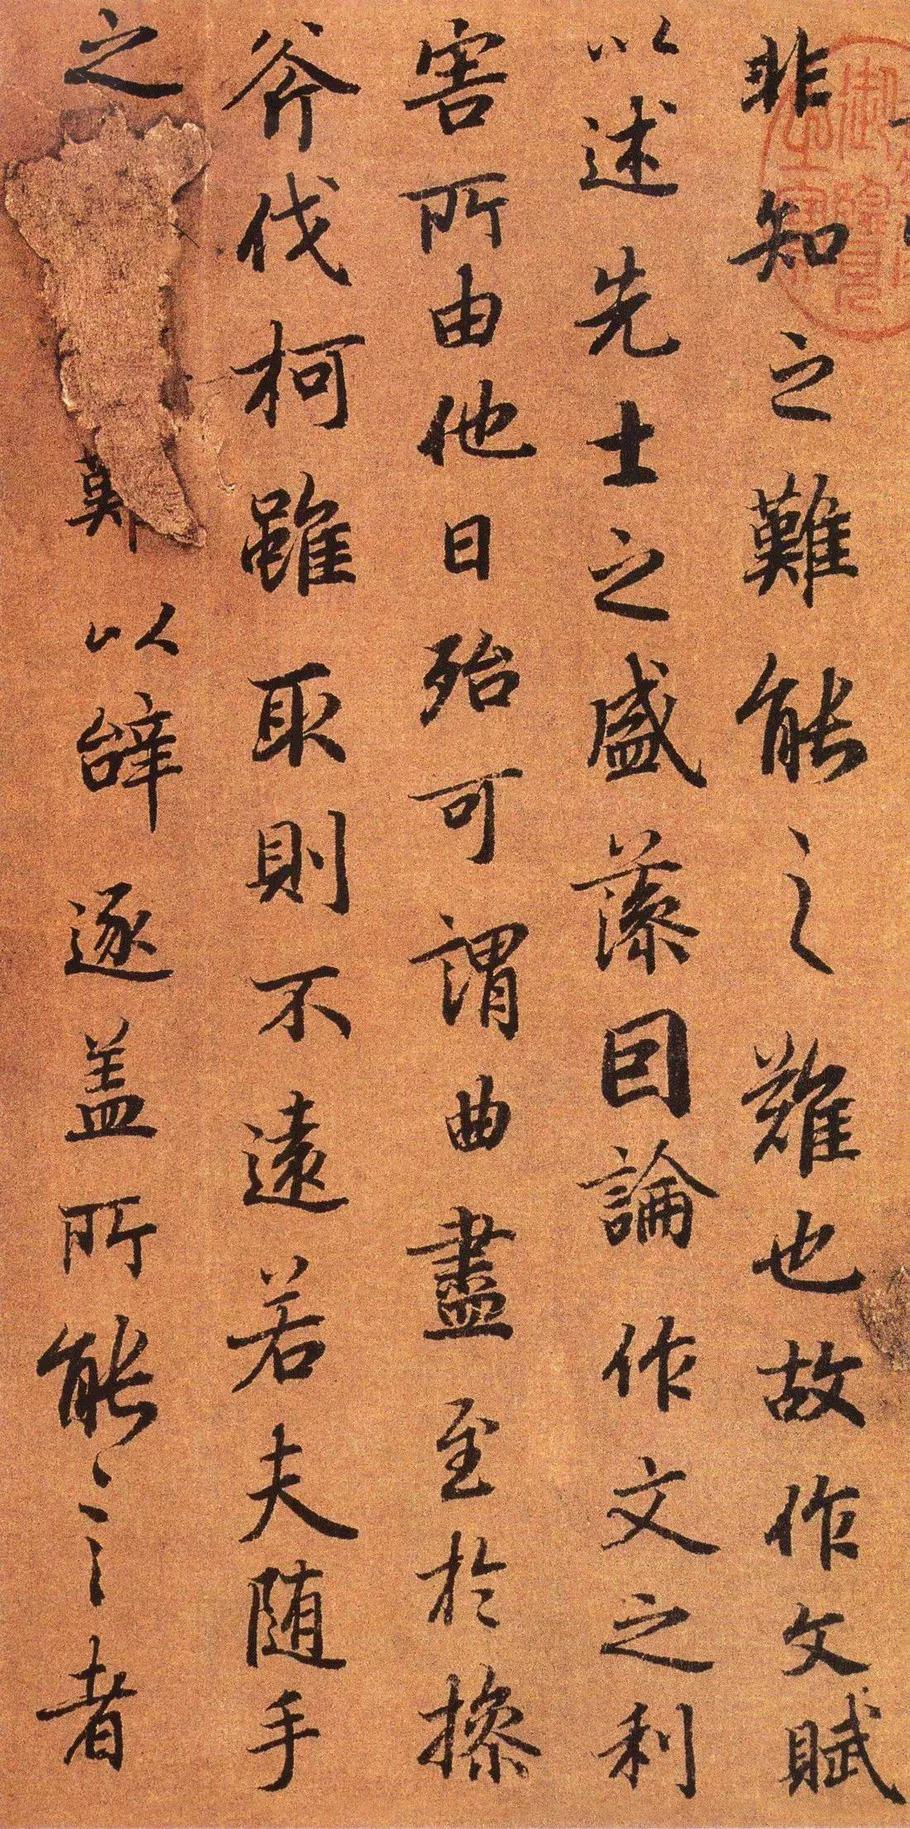 Bi thiếp bản điện thoại - Lục Giản Chi (Văn Phú)3